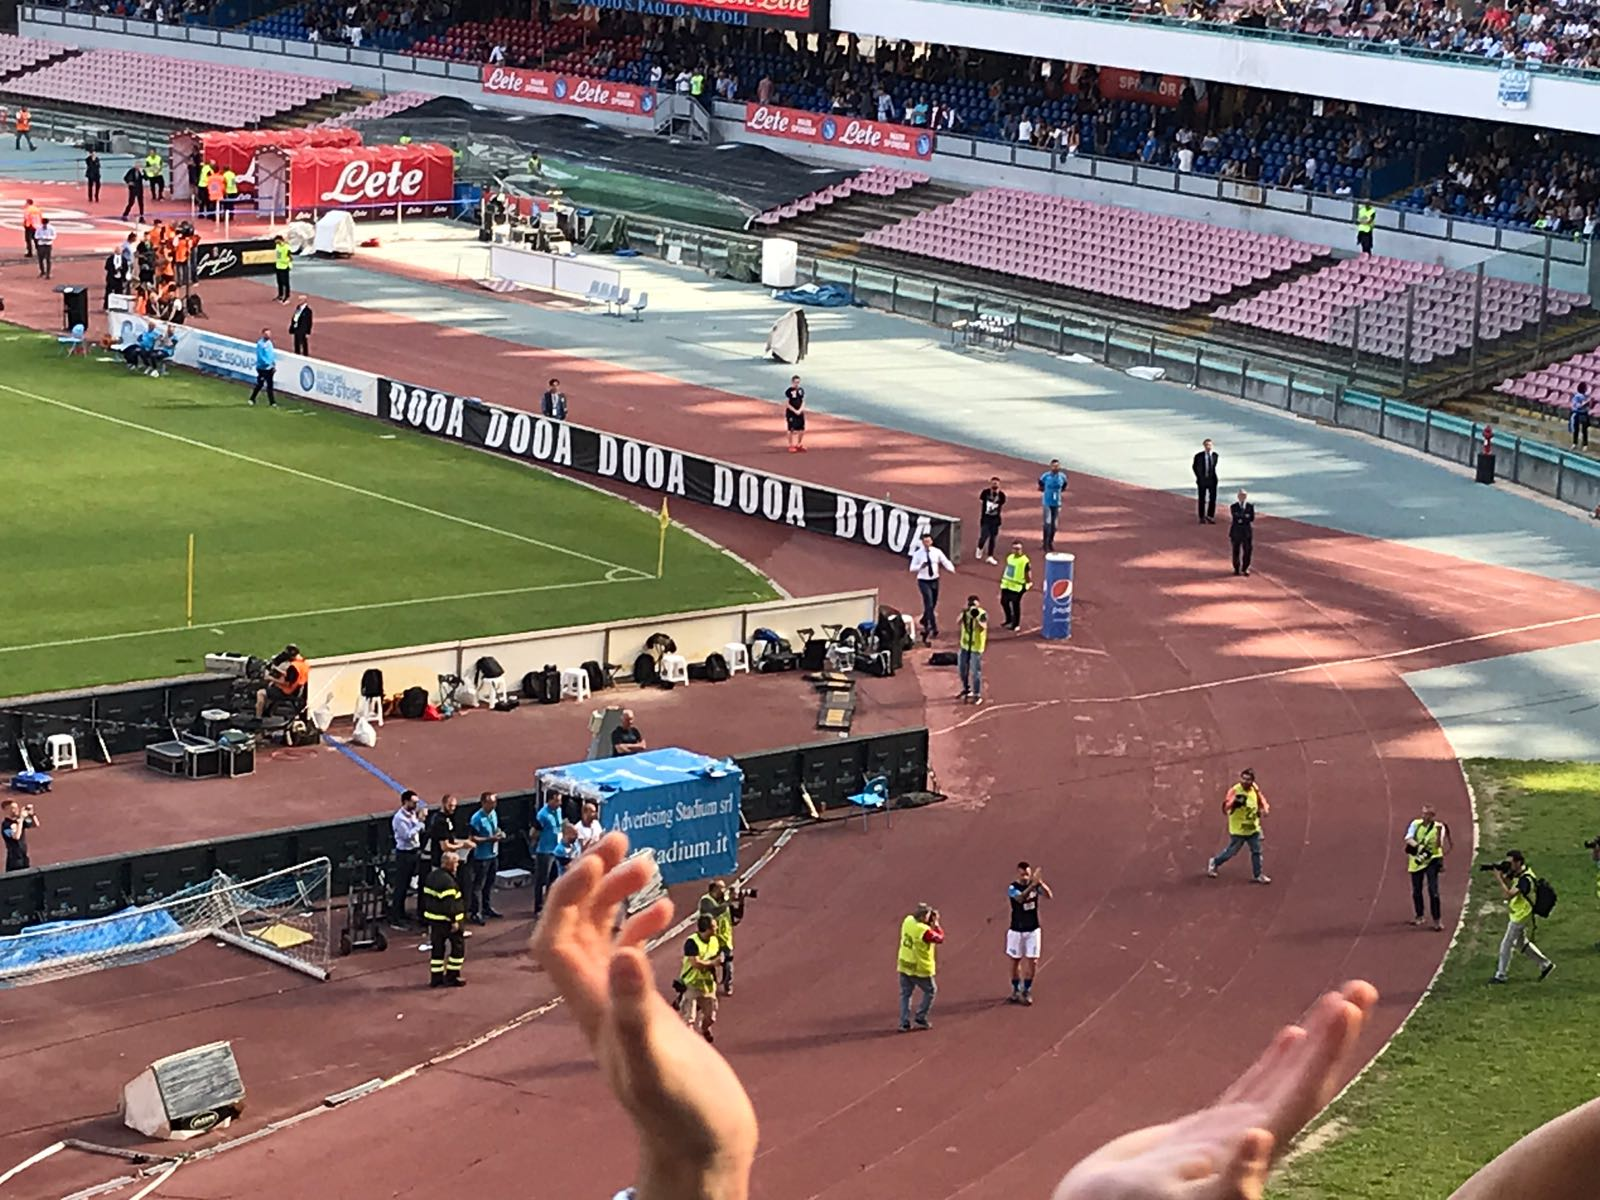 MARIGLIANO.net | Sport / Calcio / Rinviata la partita Napoli - Inter : è  ufficiale